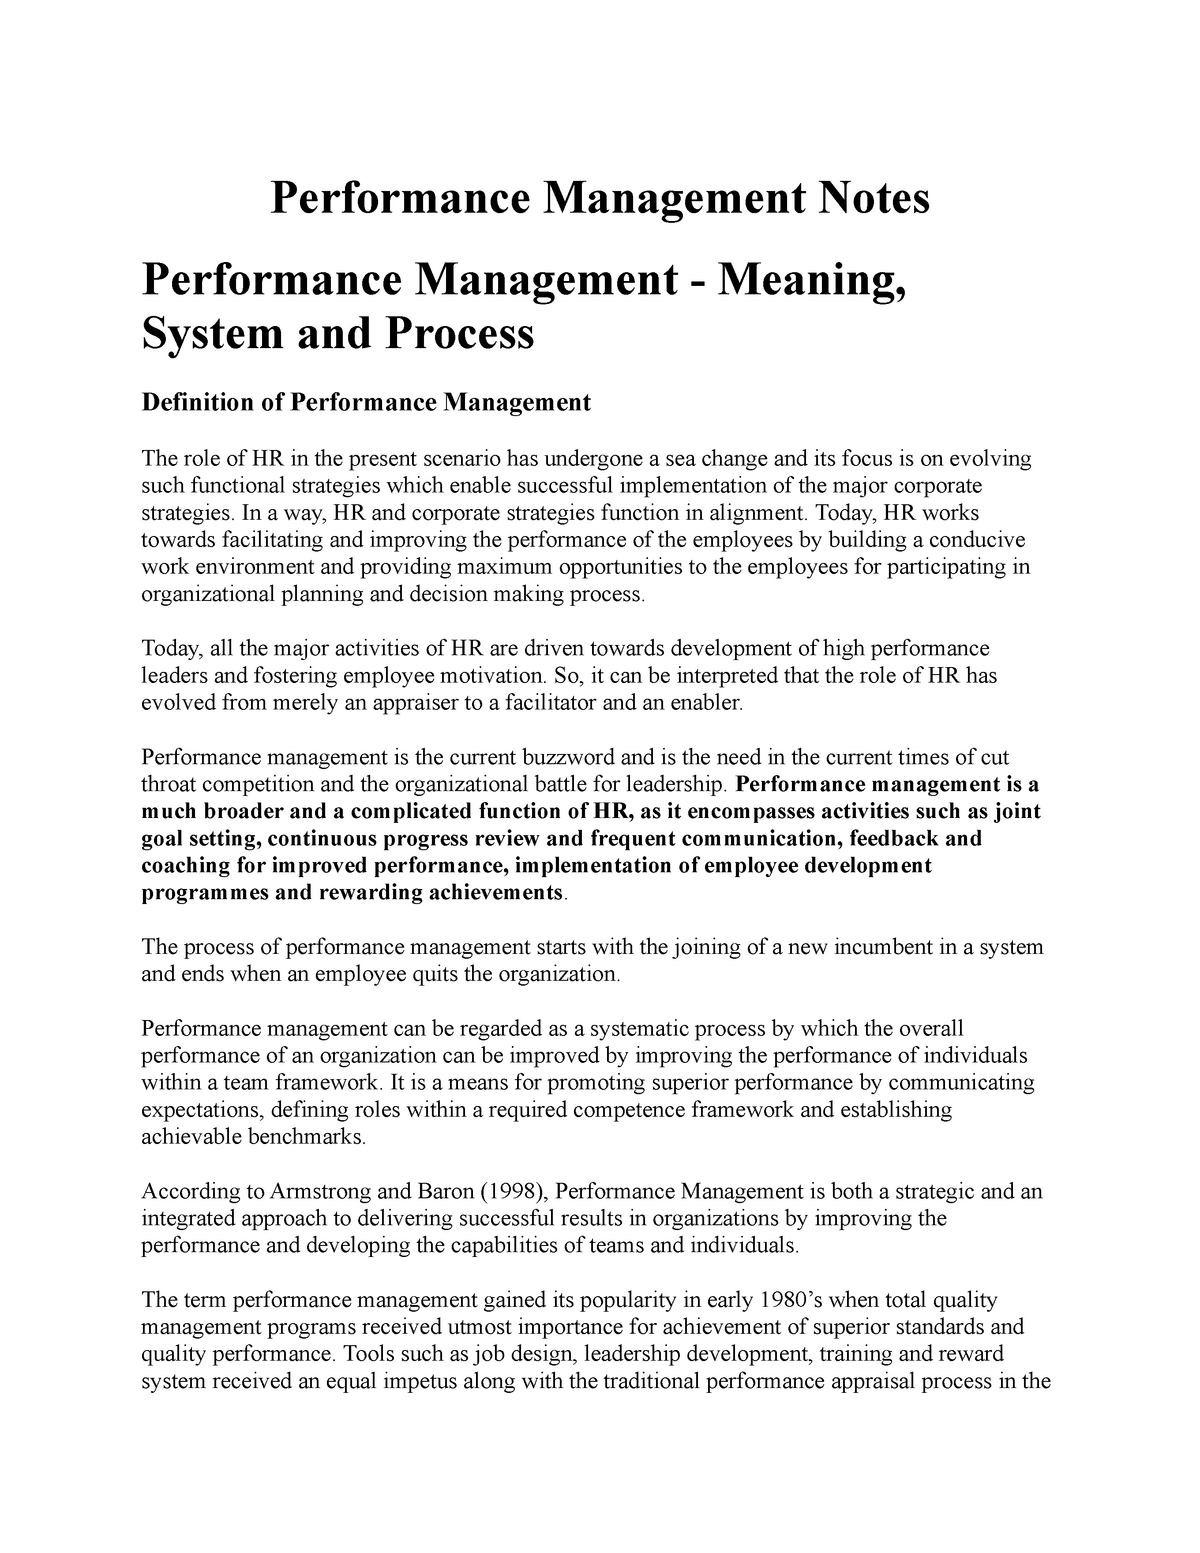 Performance Management Notes - 7202PES - Griffith - StuDocu